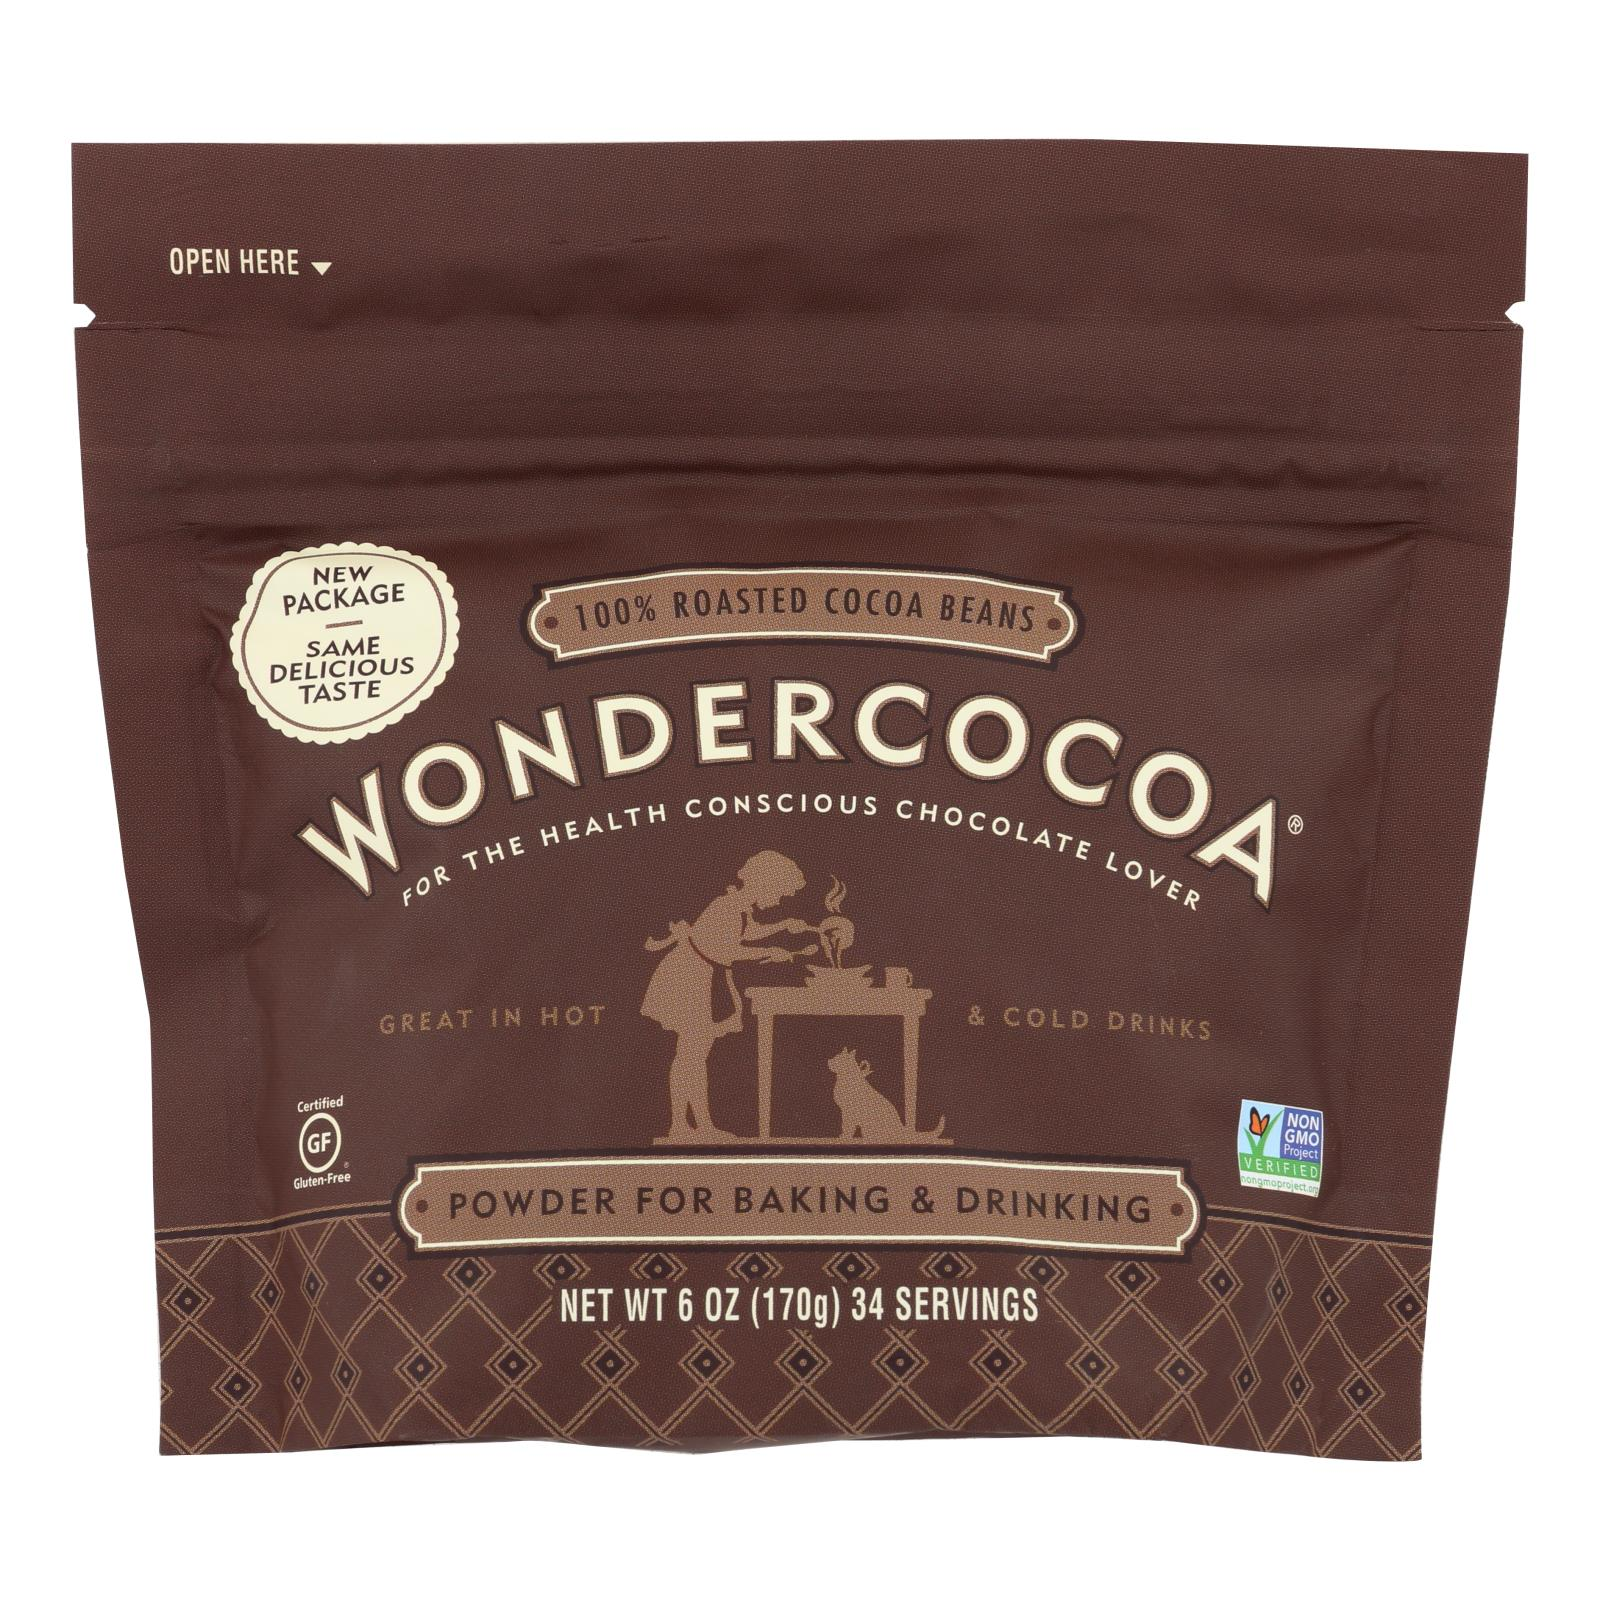 Wondercocoa - Wondercocoa Cocoa Powder - Case of 6 - 6 OZ